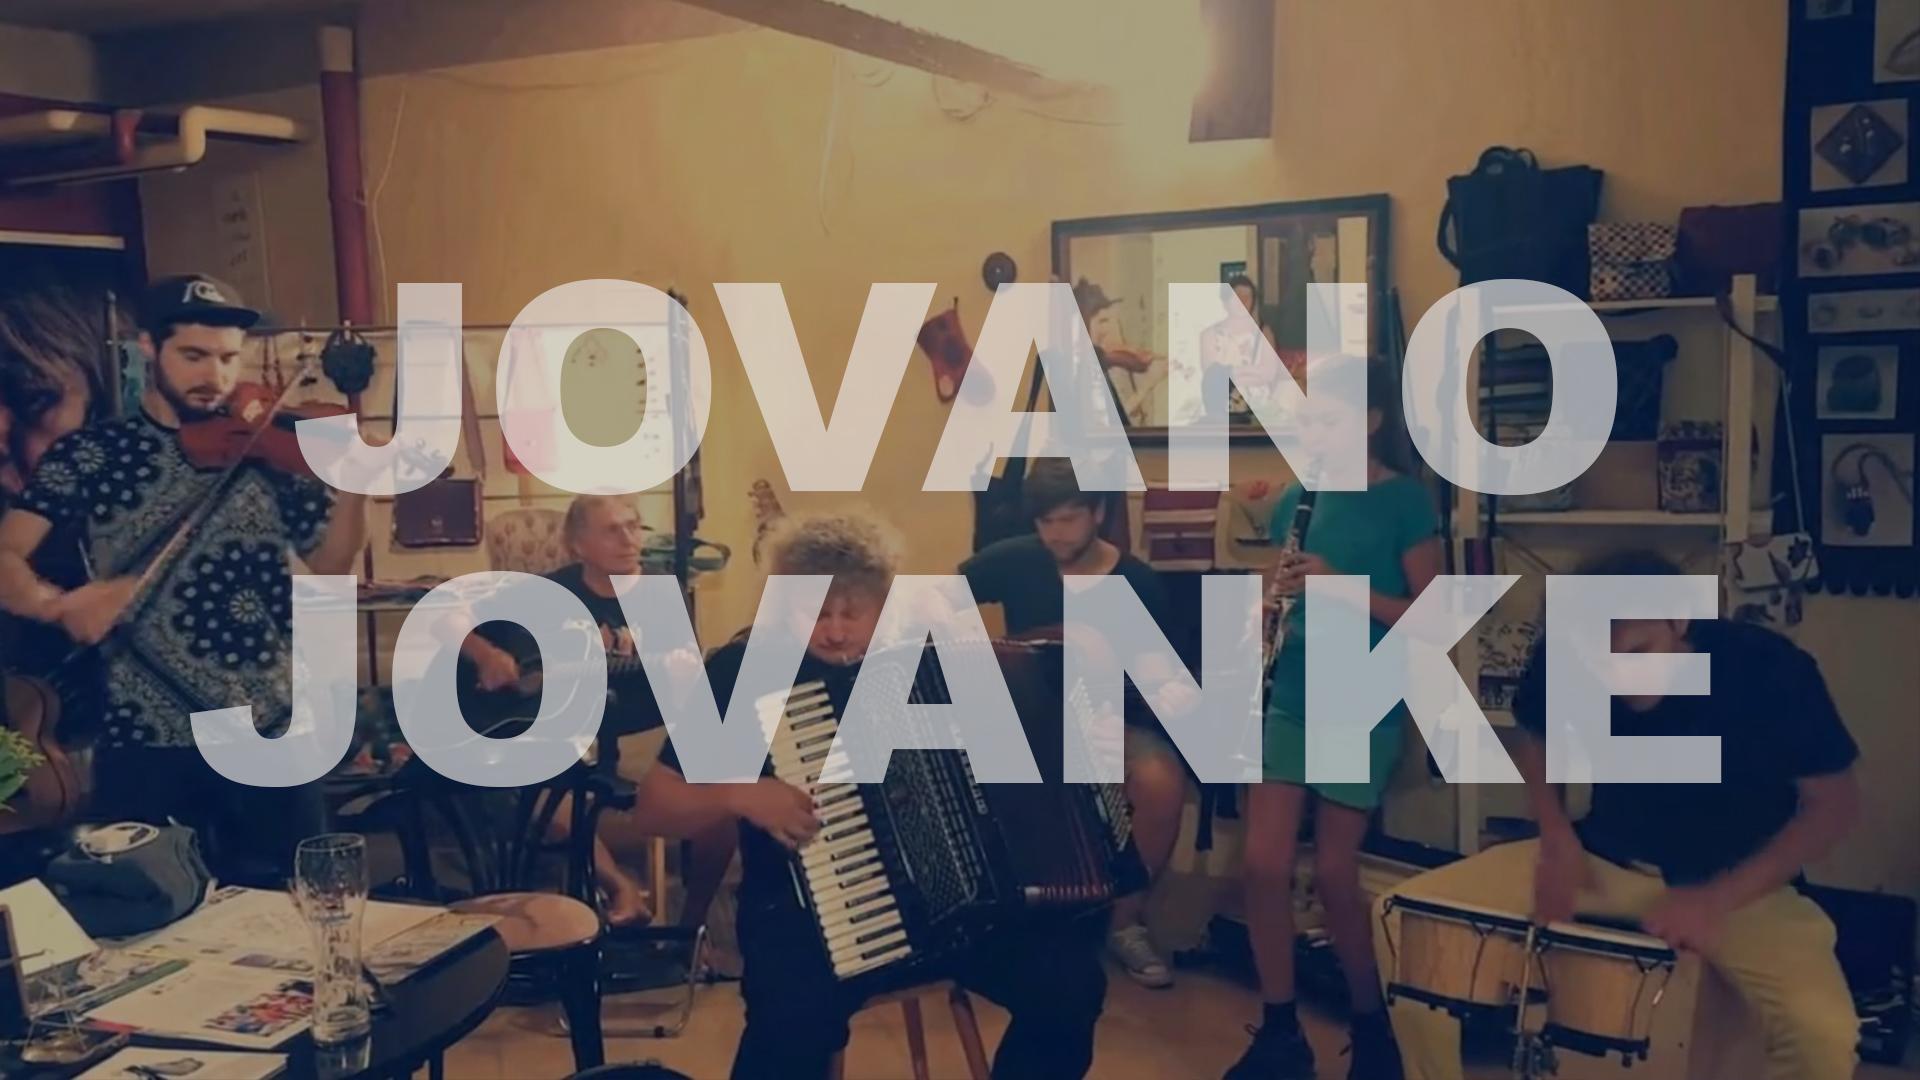 Jovano, Jovanke